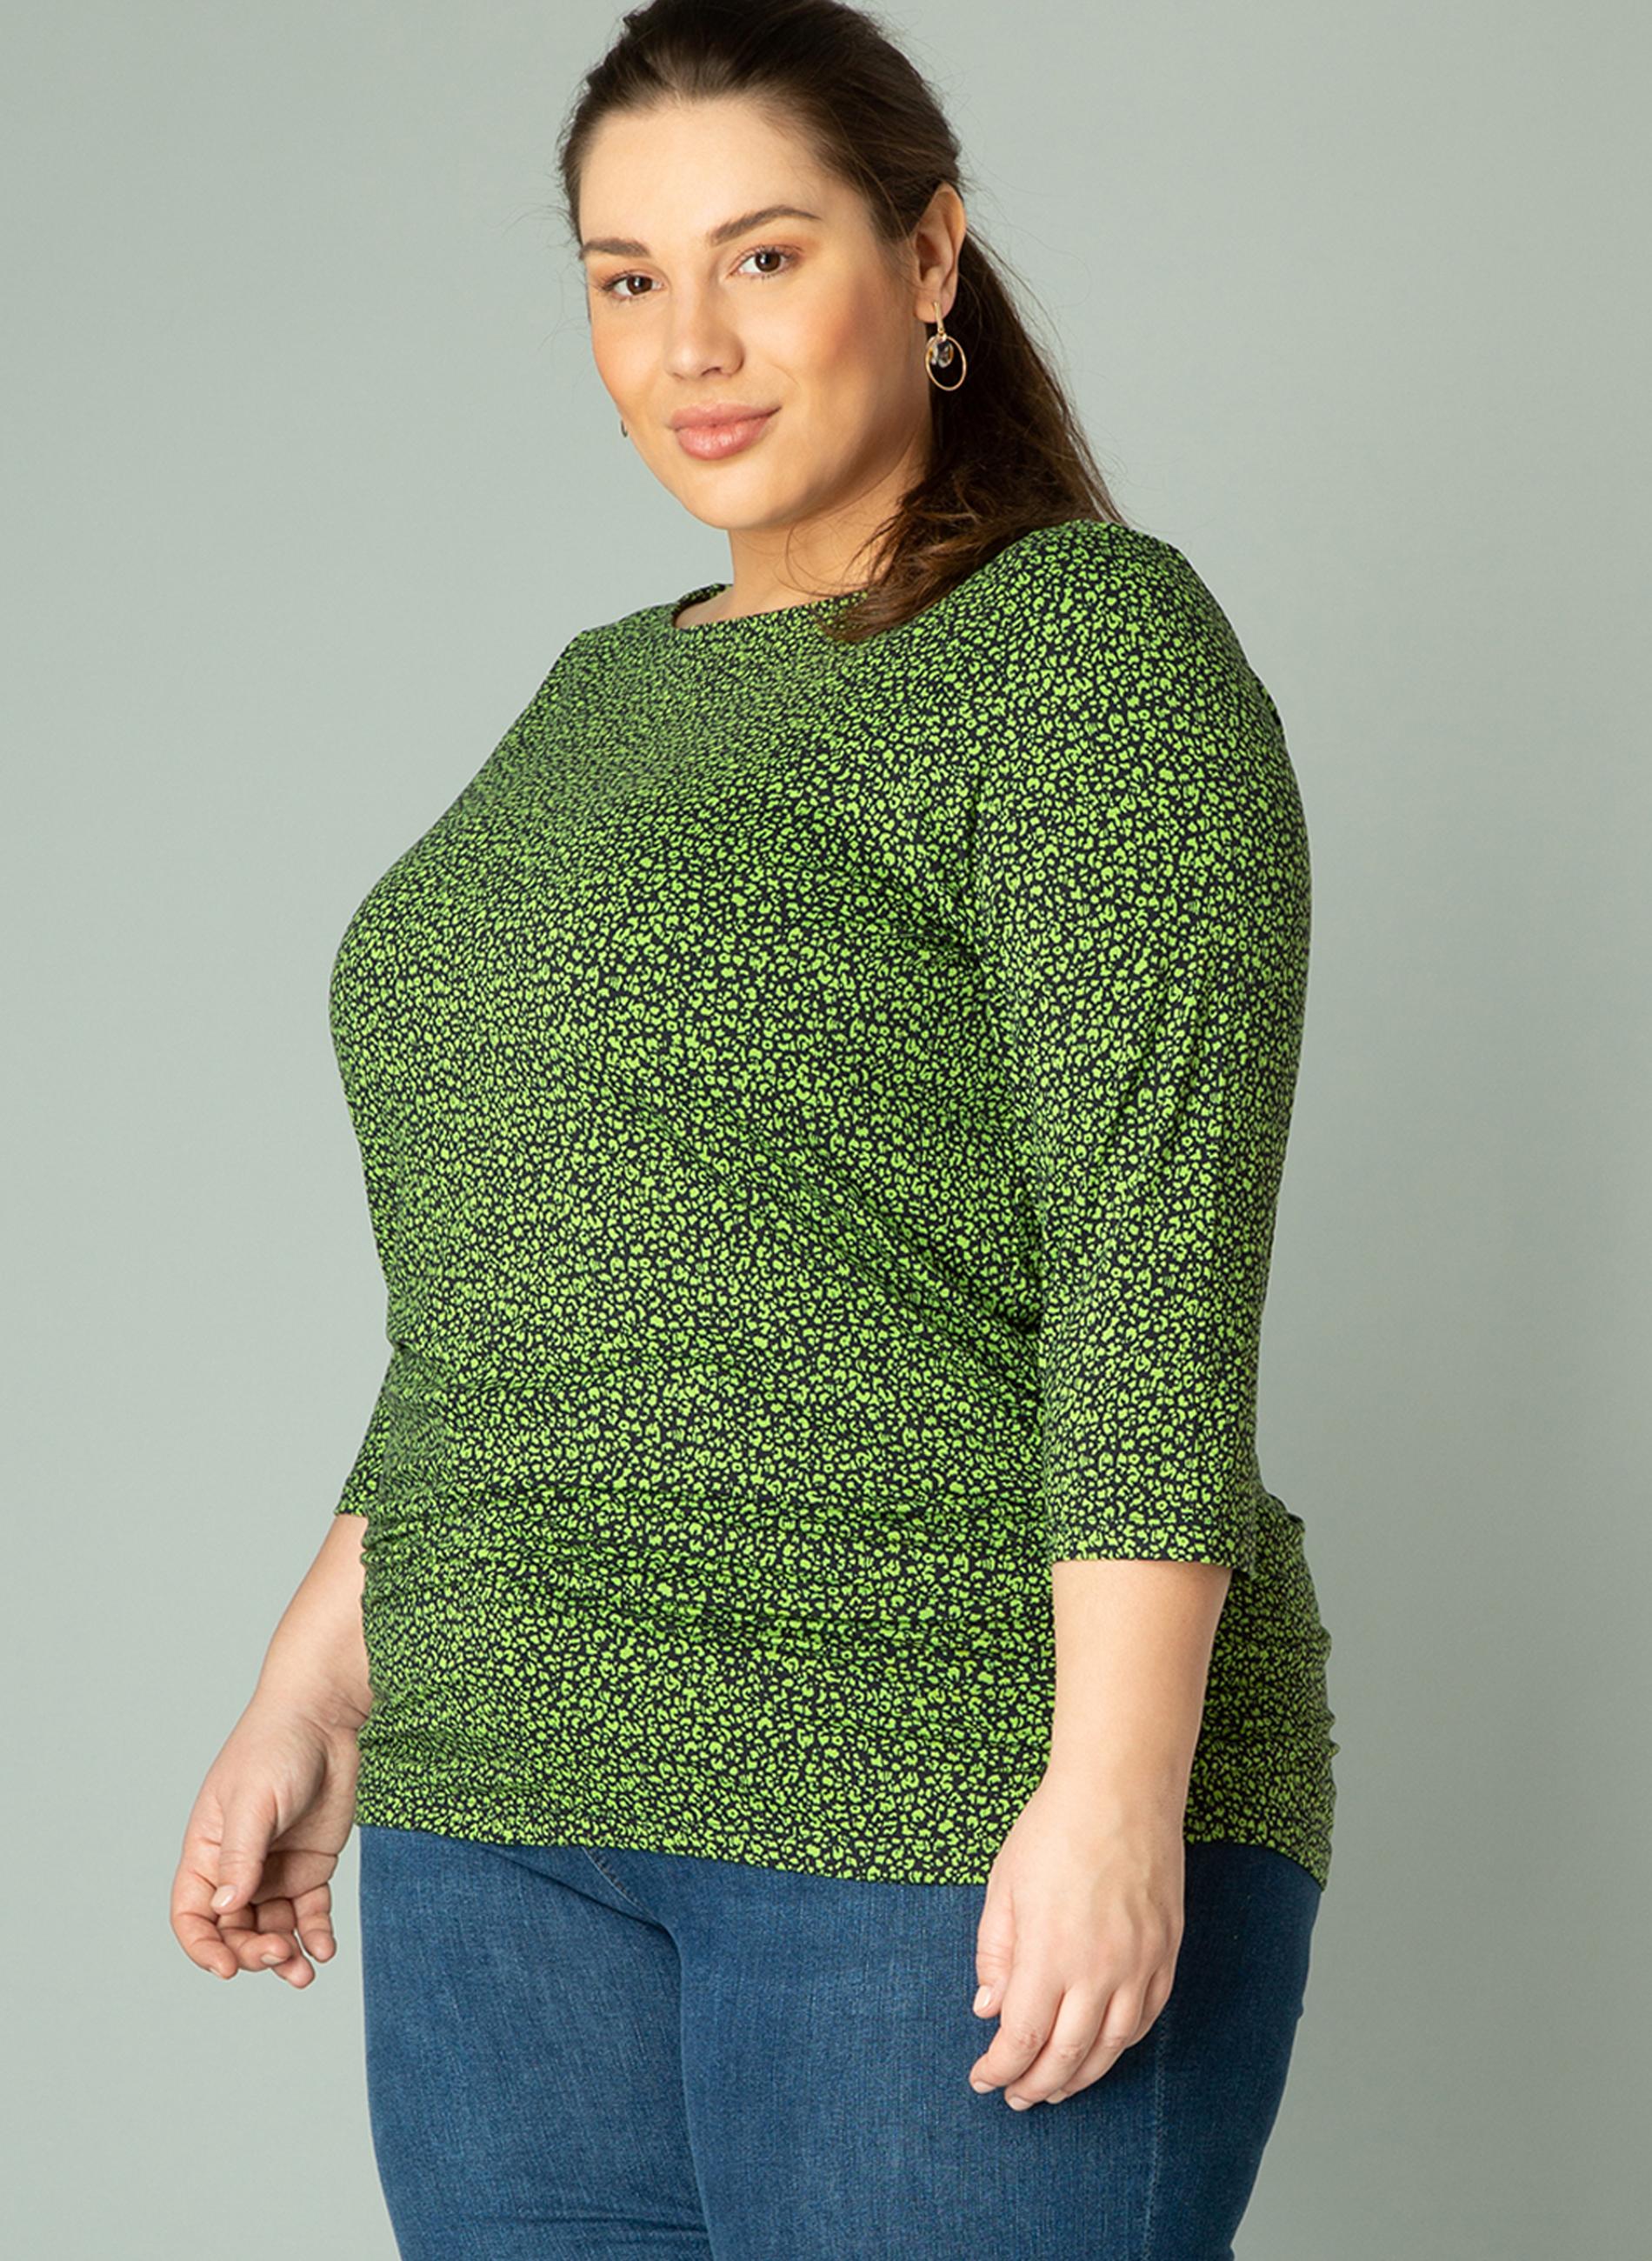 Shirt Haya Yesta 72 cm